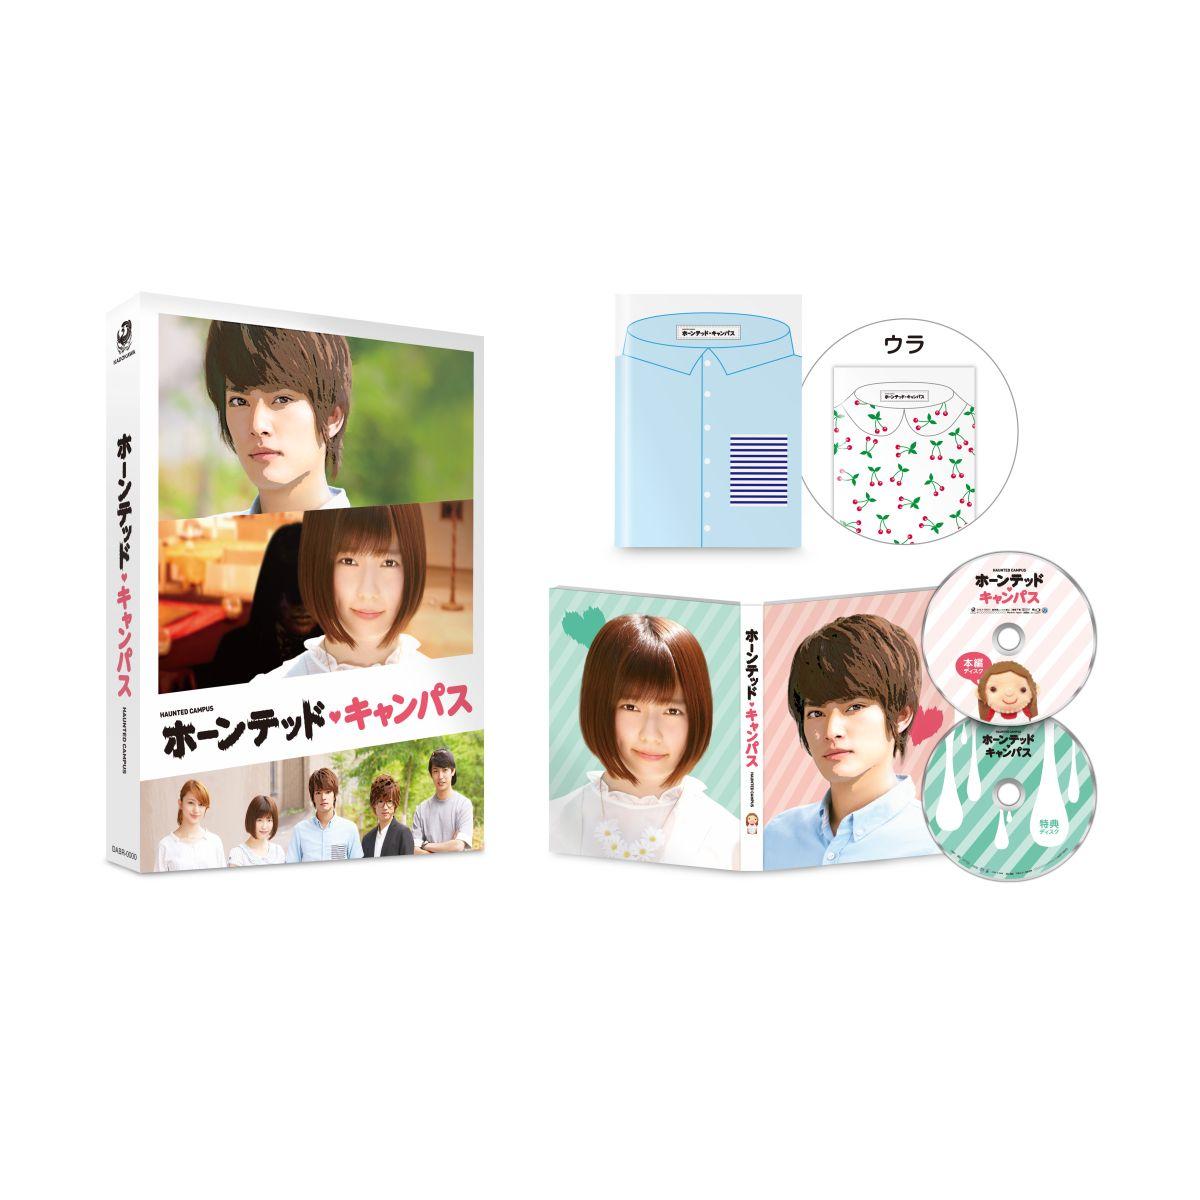 ホーンテッド・キャンパス スペシャルエディション【Blu-ray】 [ 中山優馬 ]